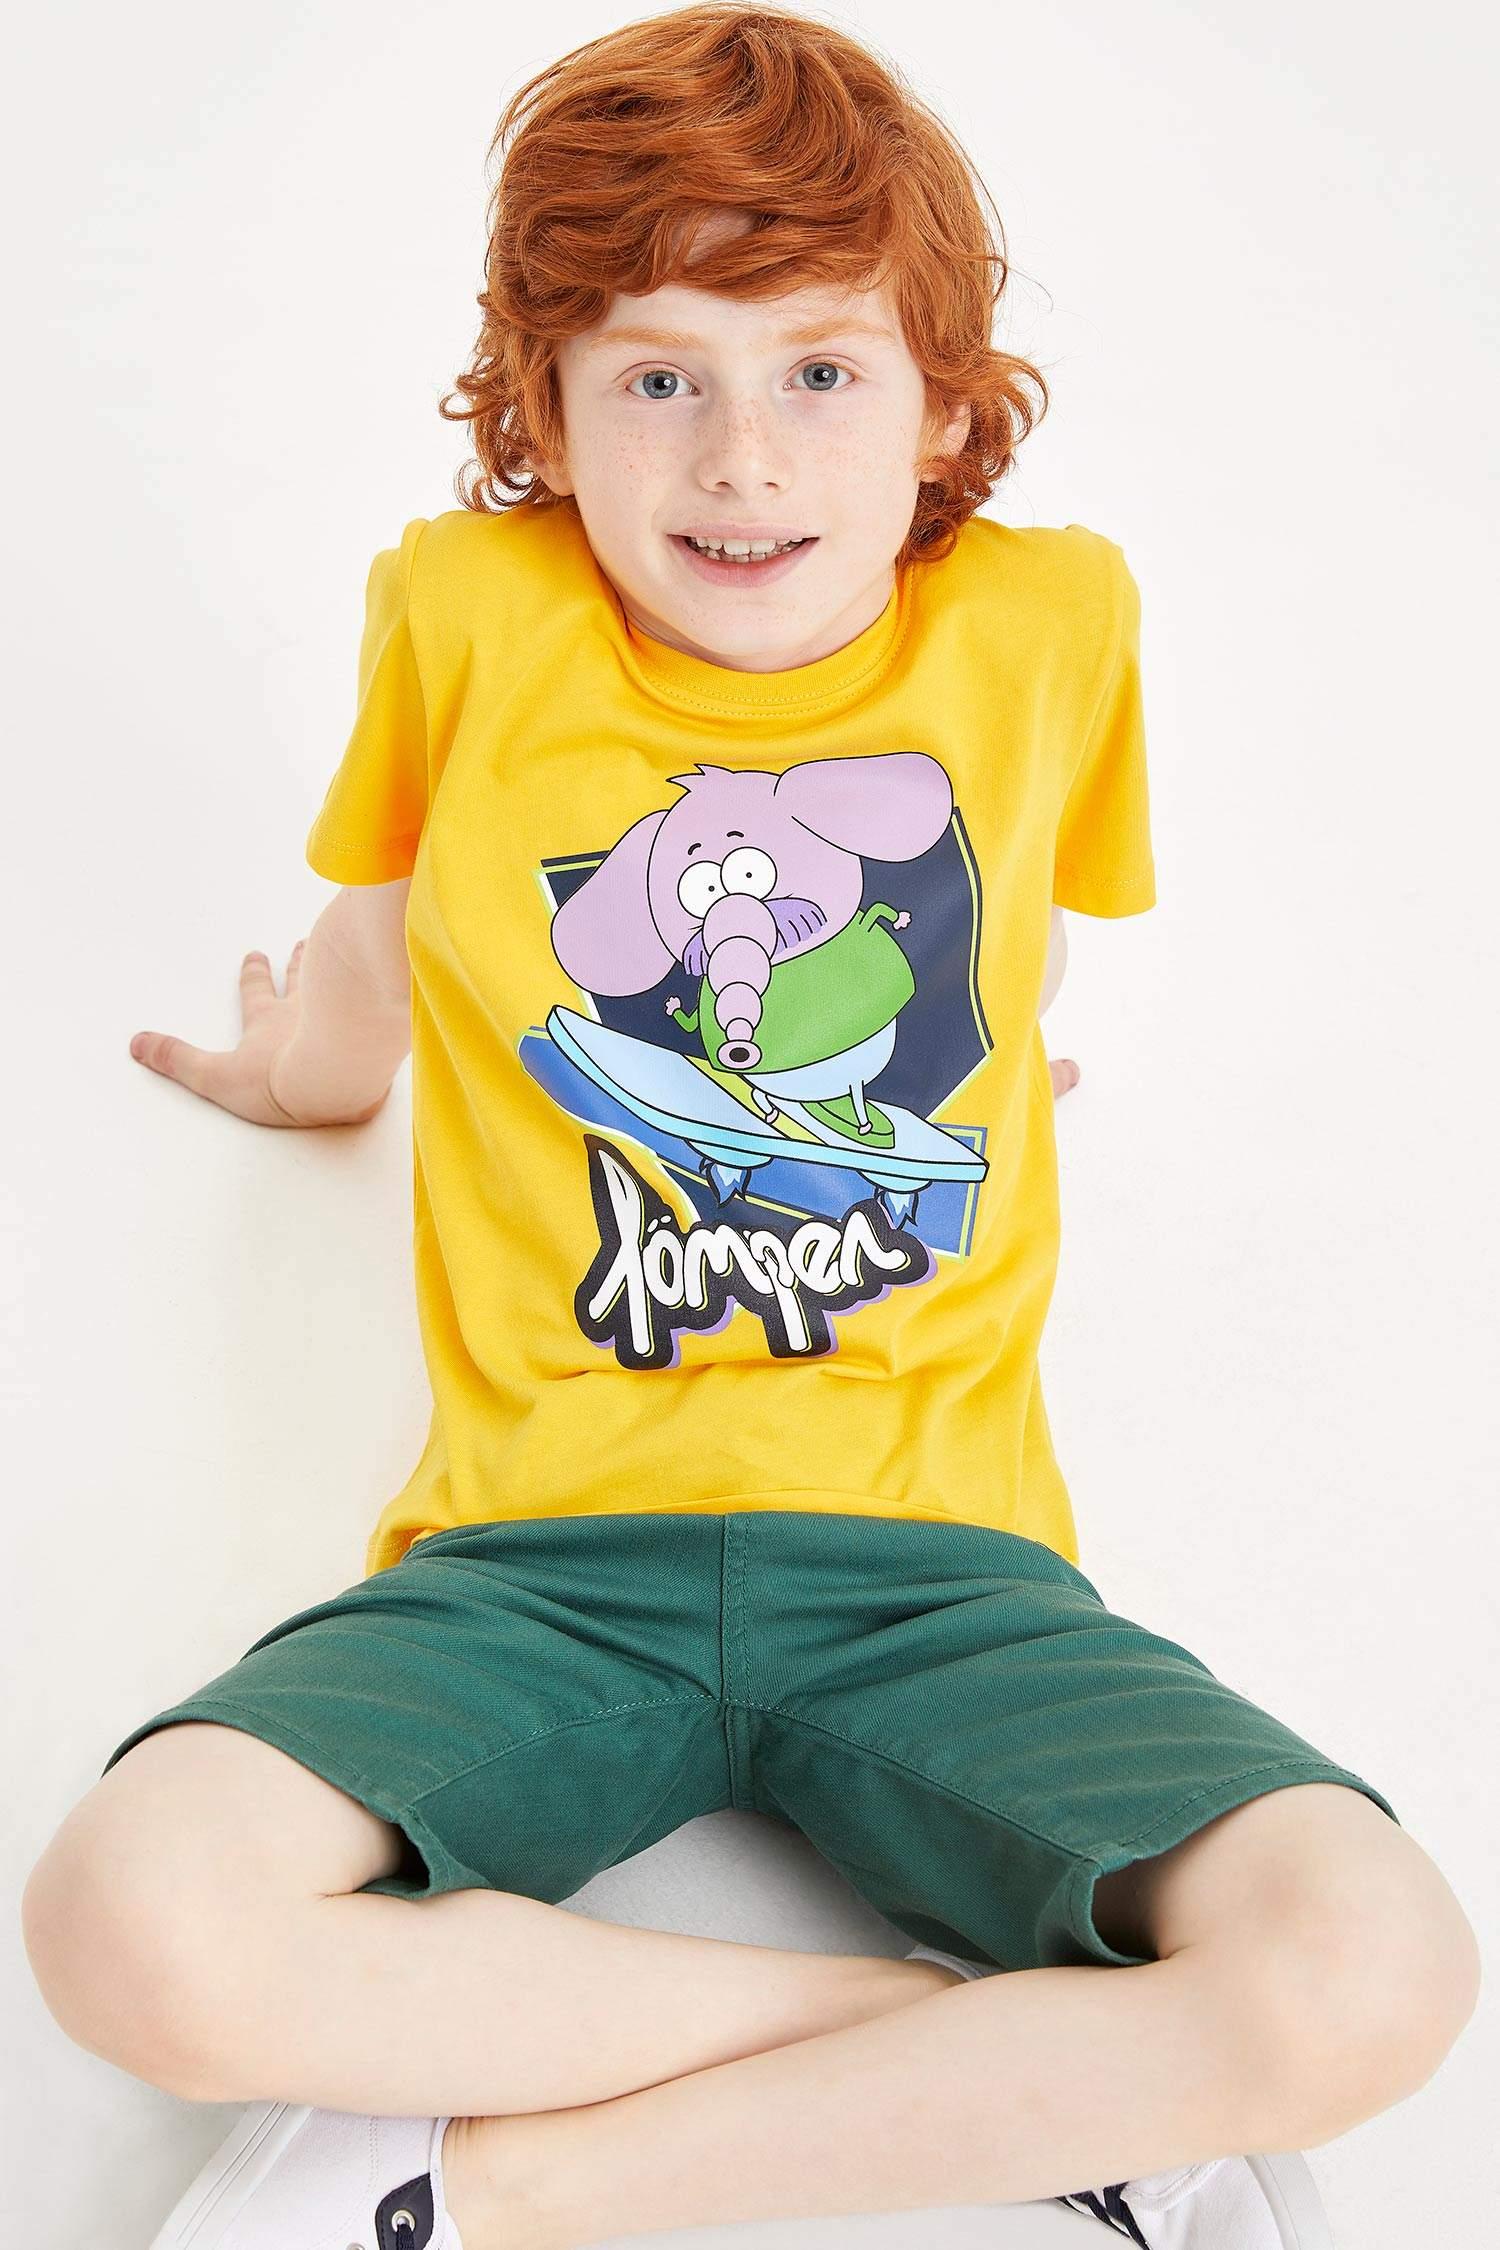 f204e048b01e2 Sarı Erkek Çocuk - Genç Erkek Kral Şakir Lisanslı Erkek Çocuk T-shirt  984355   DeFacto